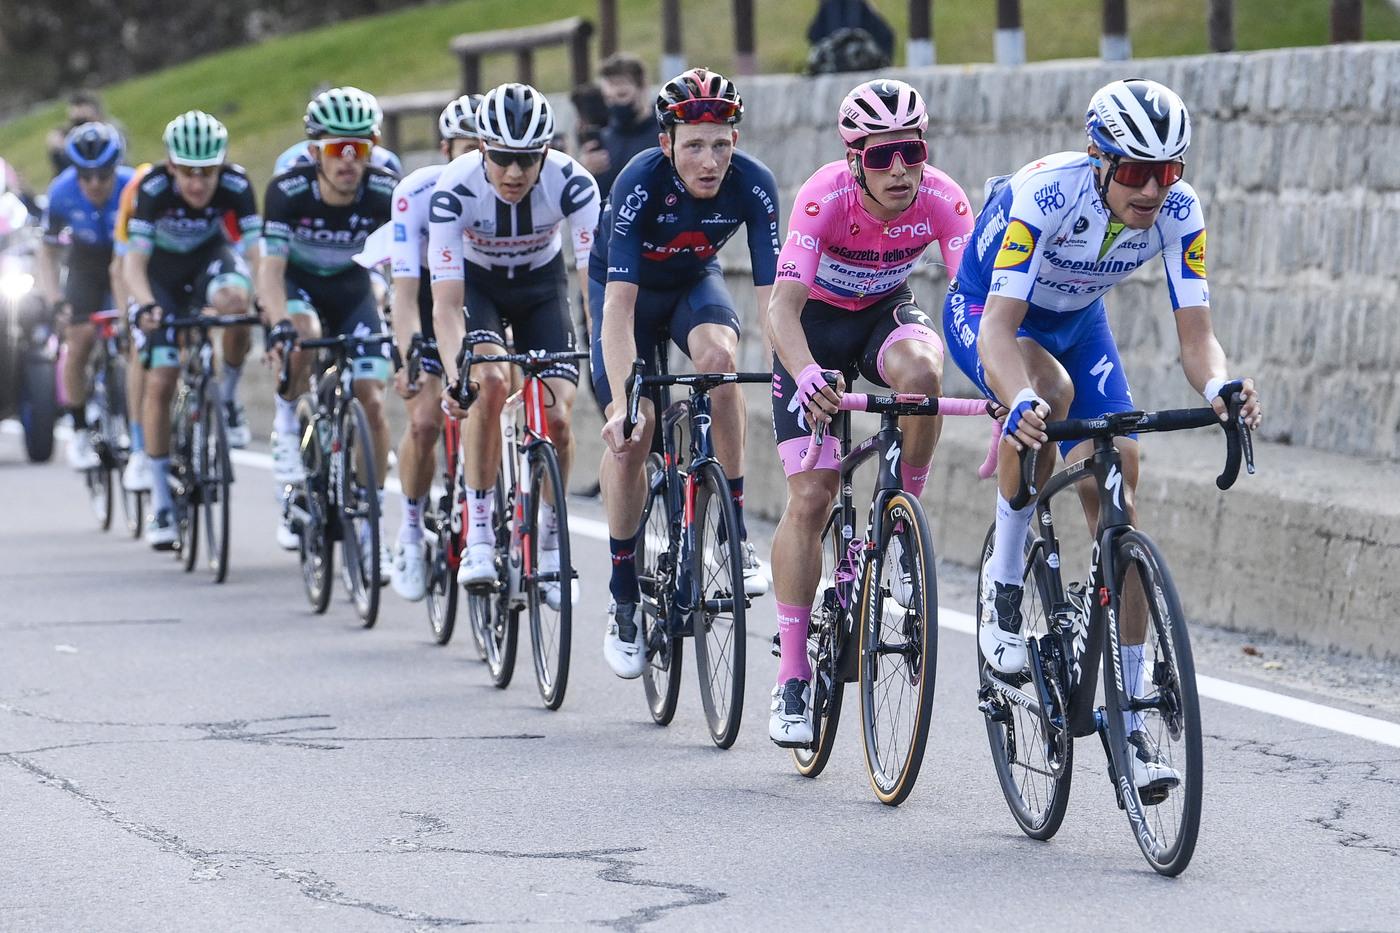 Giro d'Italia 2020, domani la tappa regina: Stelvio e Torri di Fraele. Cima Coppi, 4 GPM e freddo pungente. L'altimetria per ribaltare tutto